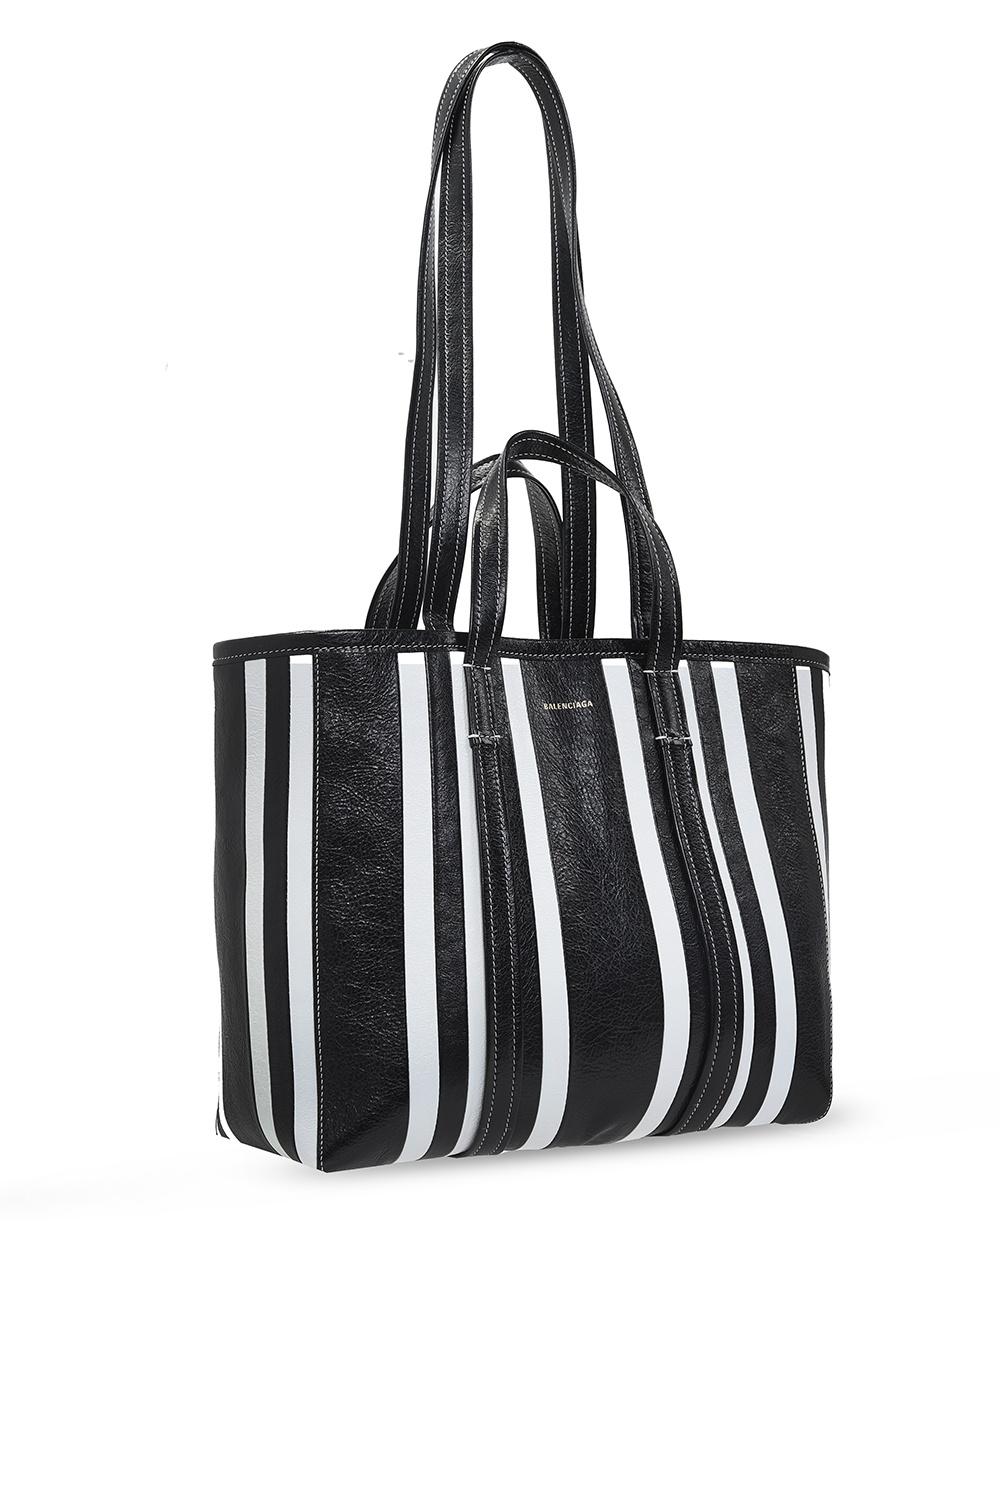 Balenciaga Shopper bag